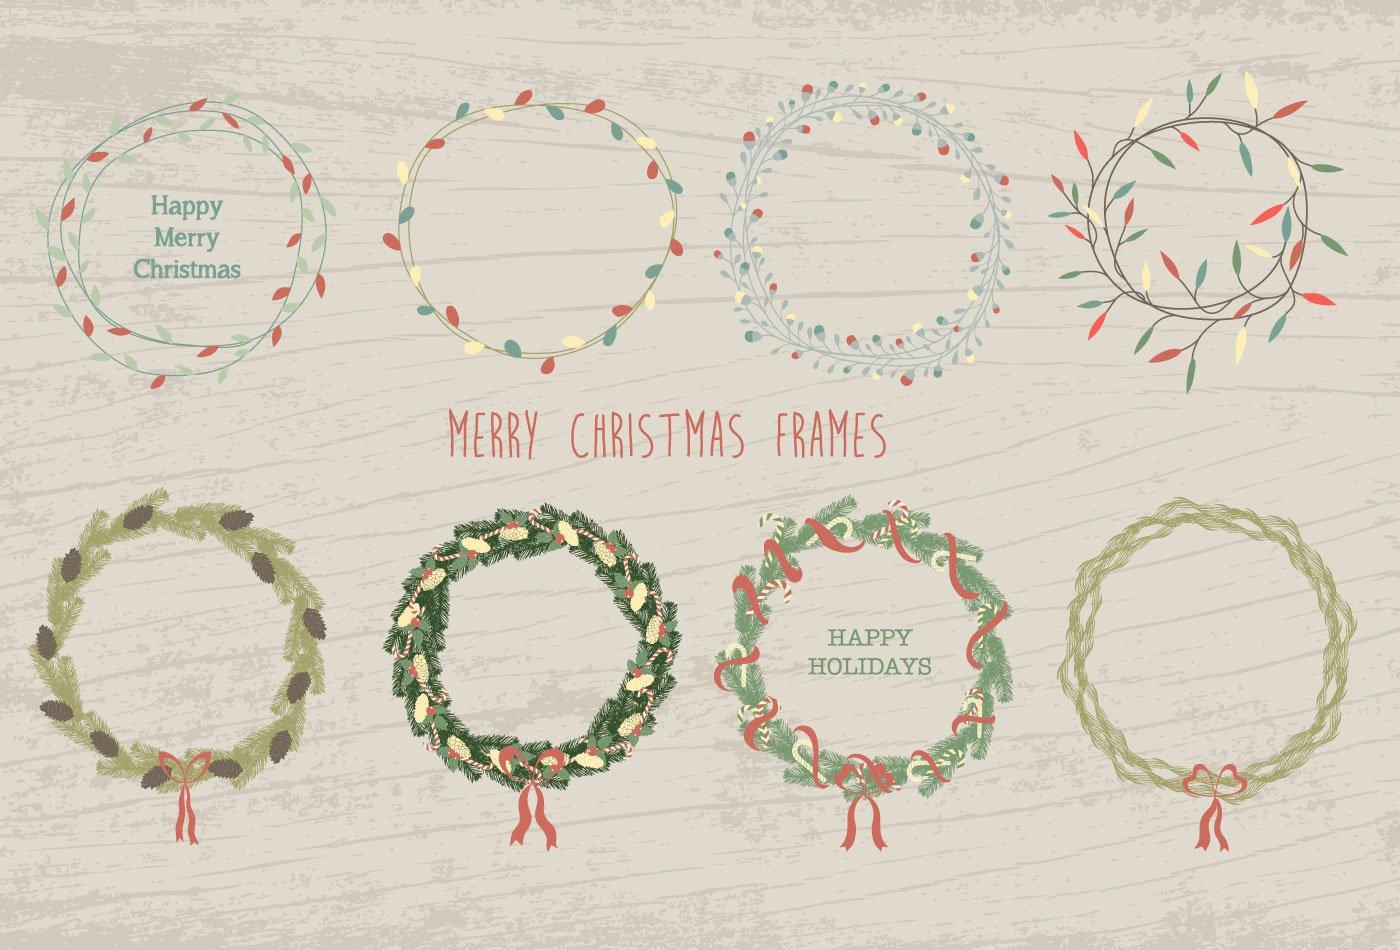 100款圣诞节主题元素矢量素材 100 Merry Christmas Elements插图(2)